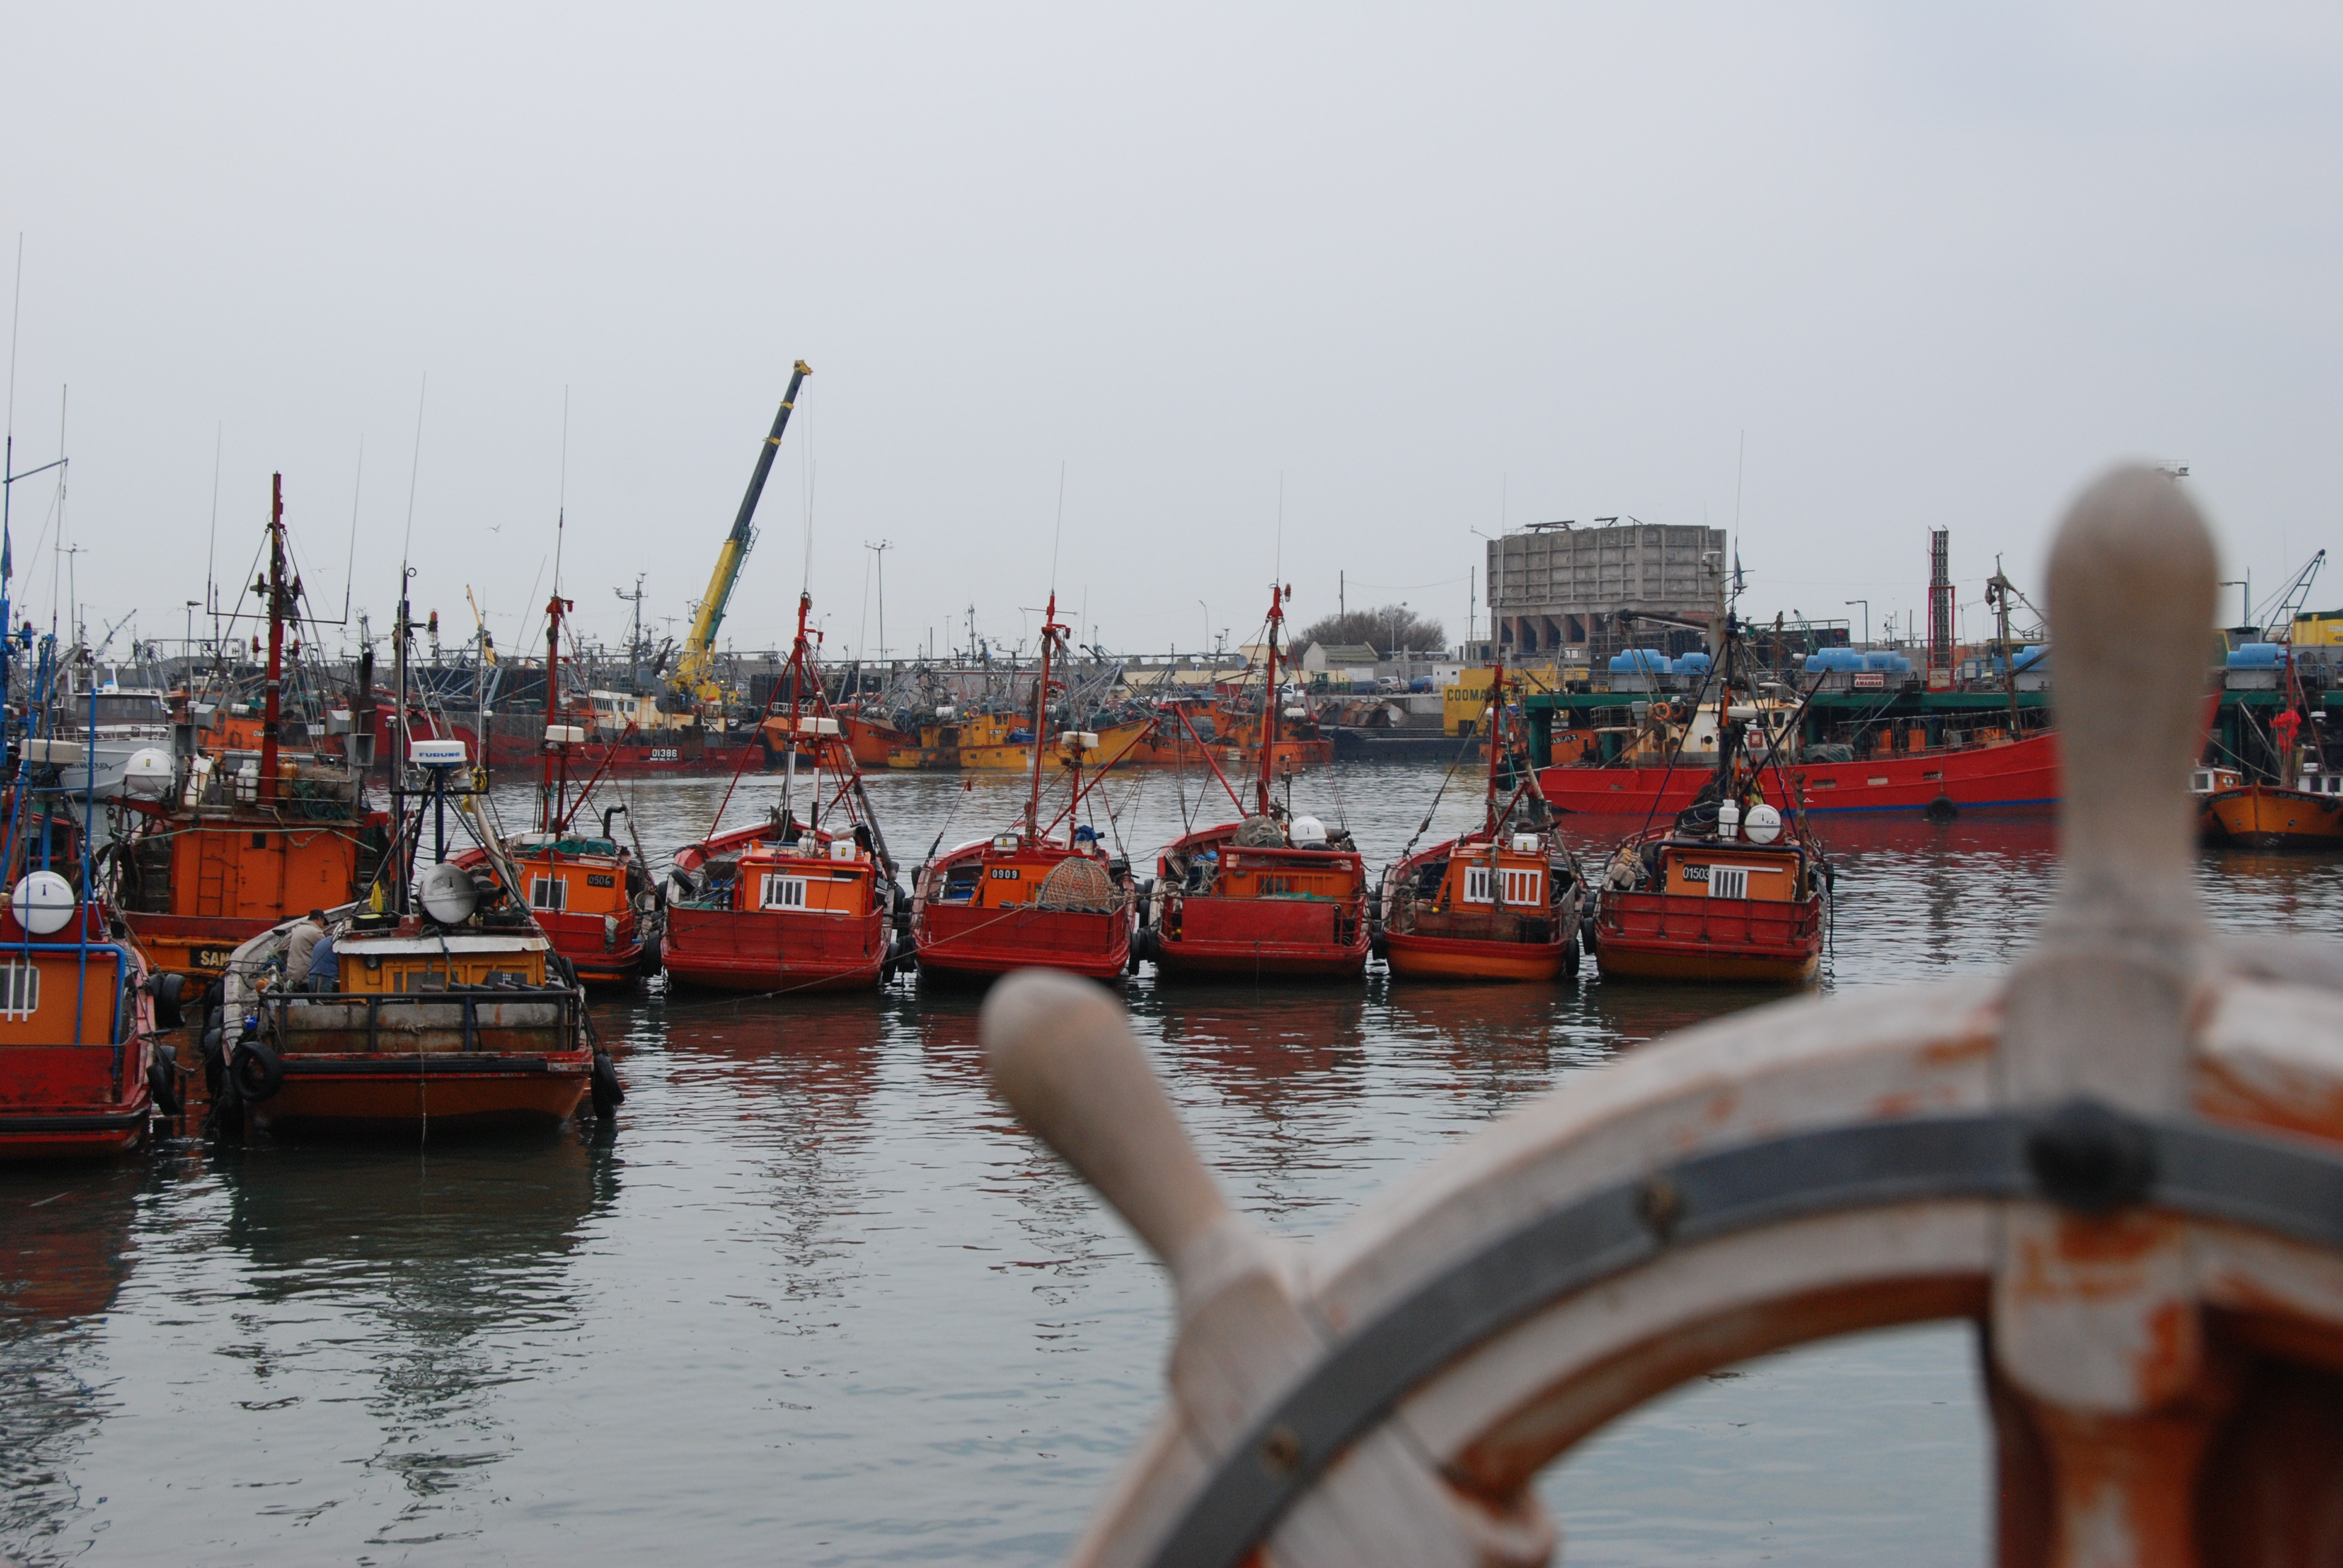 Mar del Plata, o porto